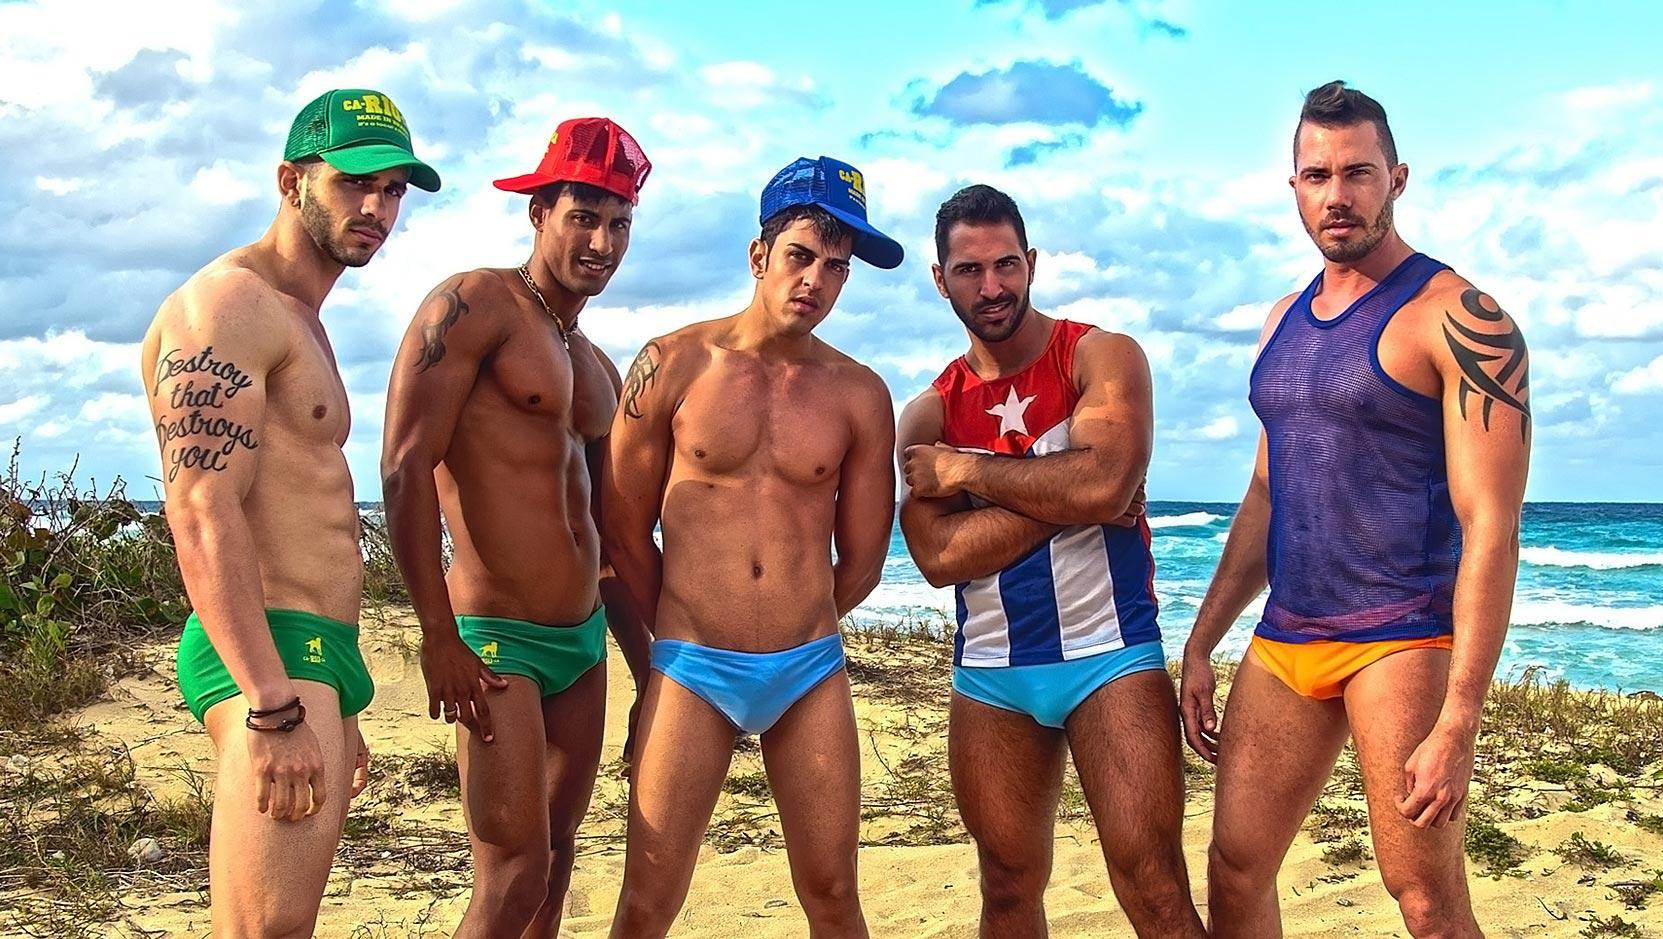 chicos gay en la habana cuba